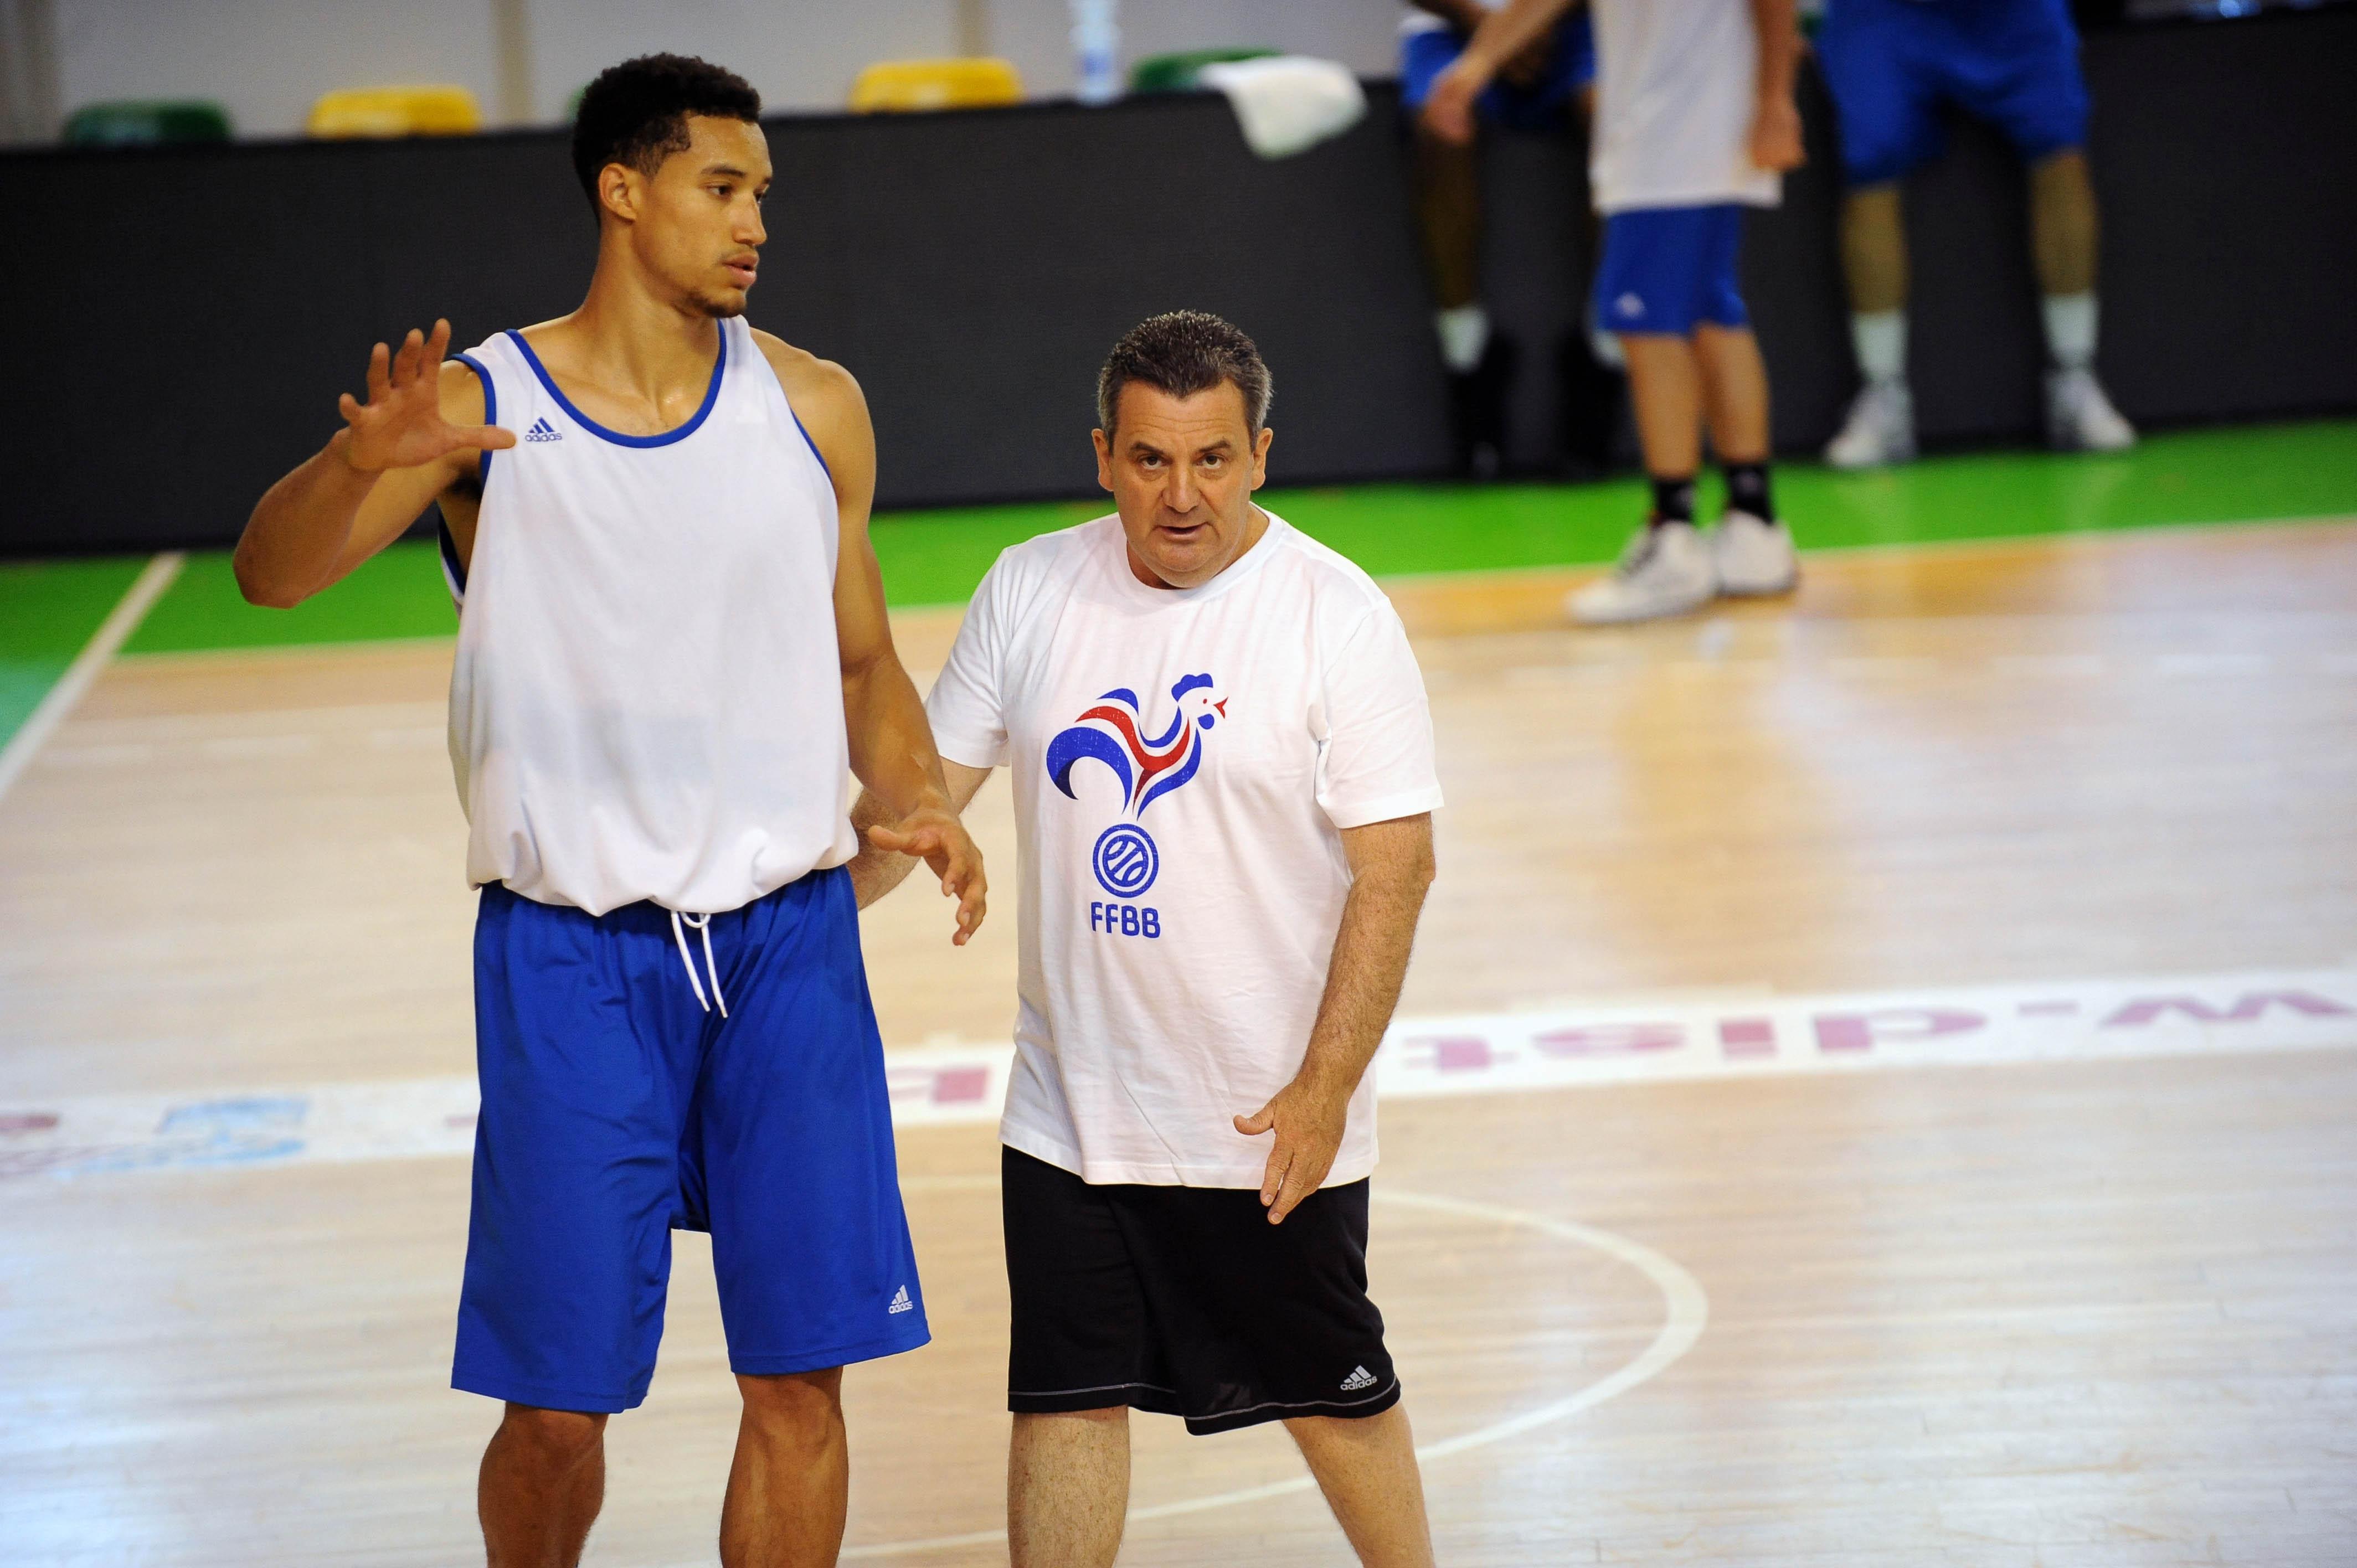 Basket 2014 2013 Jeunes News Masculin Juin m8n0wN